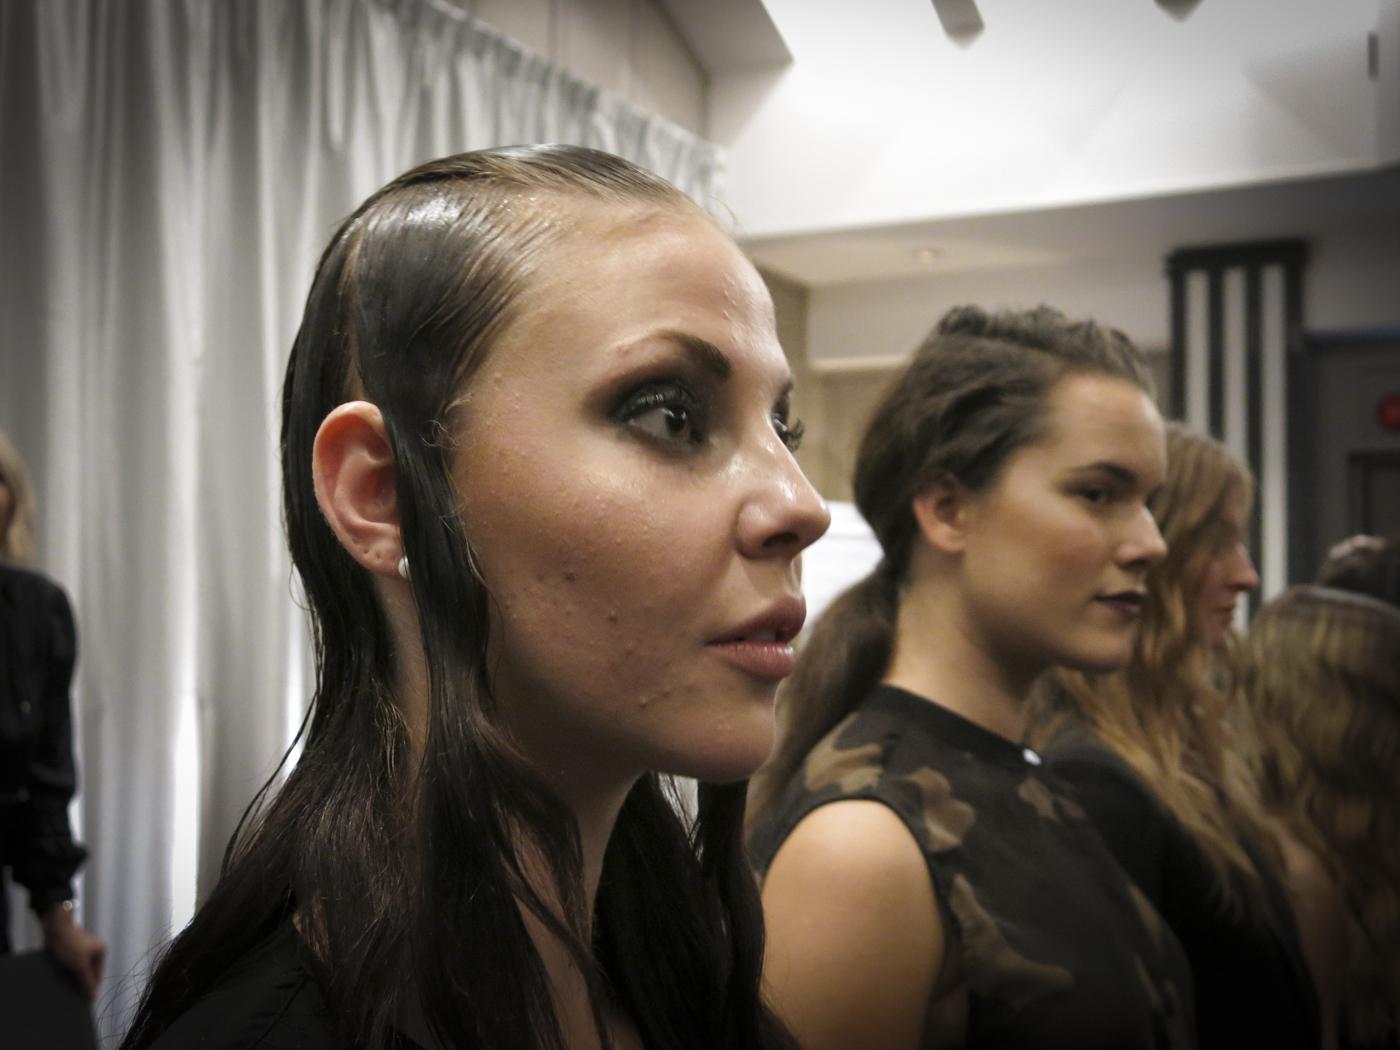 """Slickat hår gällde på Givenchys visningar. Det var simpel, coolt och minimalistiskt, """"Glansen får jag genom att måla på Mr Smiths foundation i flera lager"""", berättar Freda"""